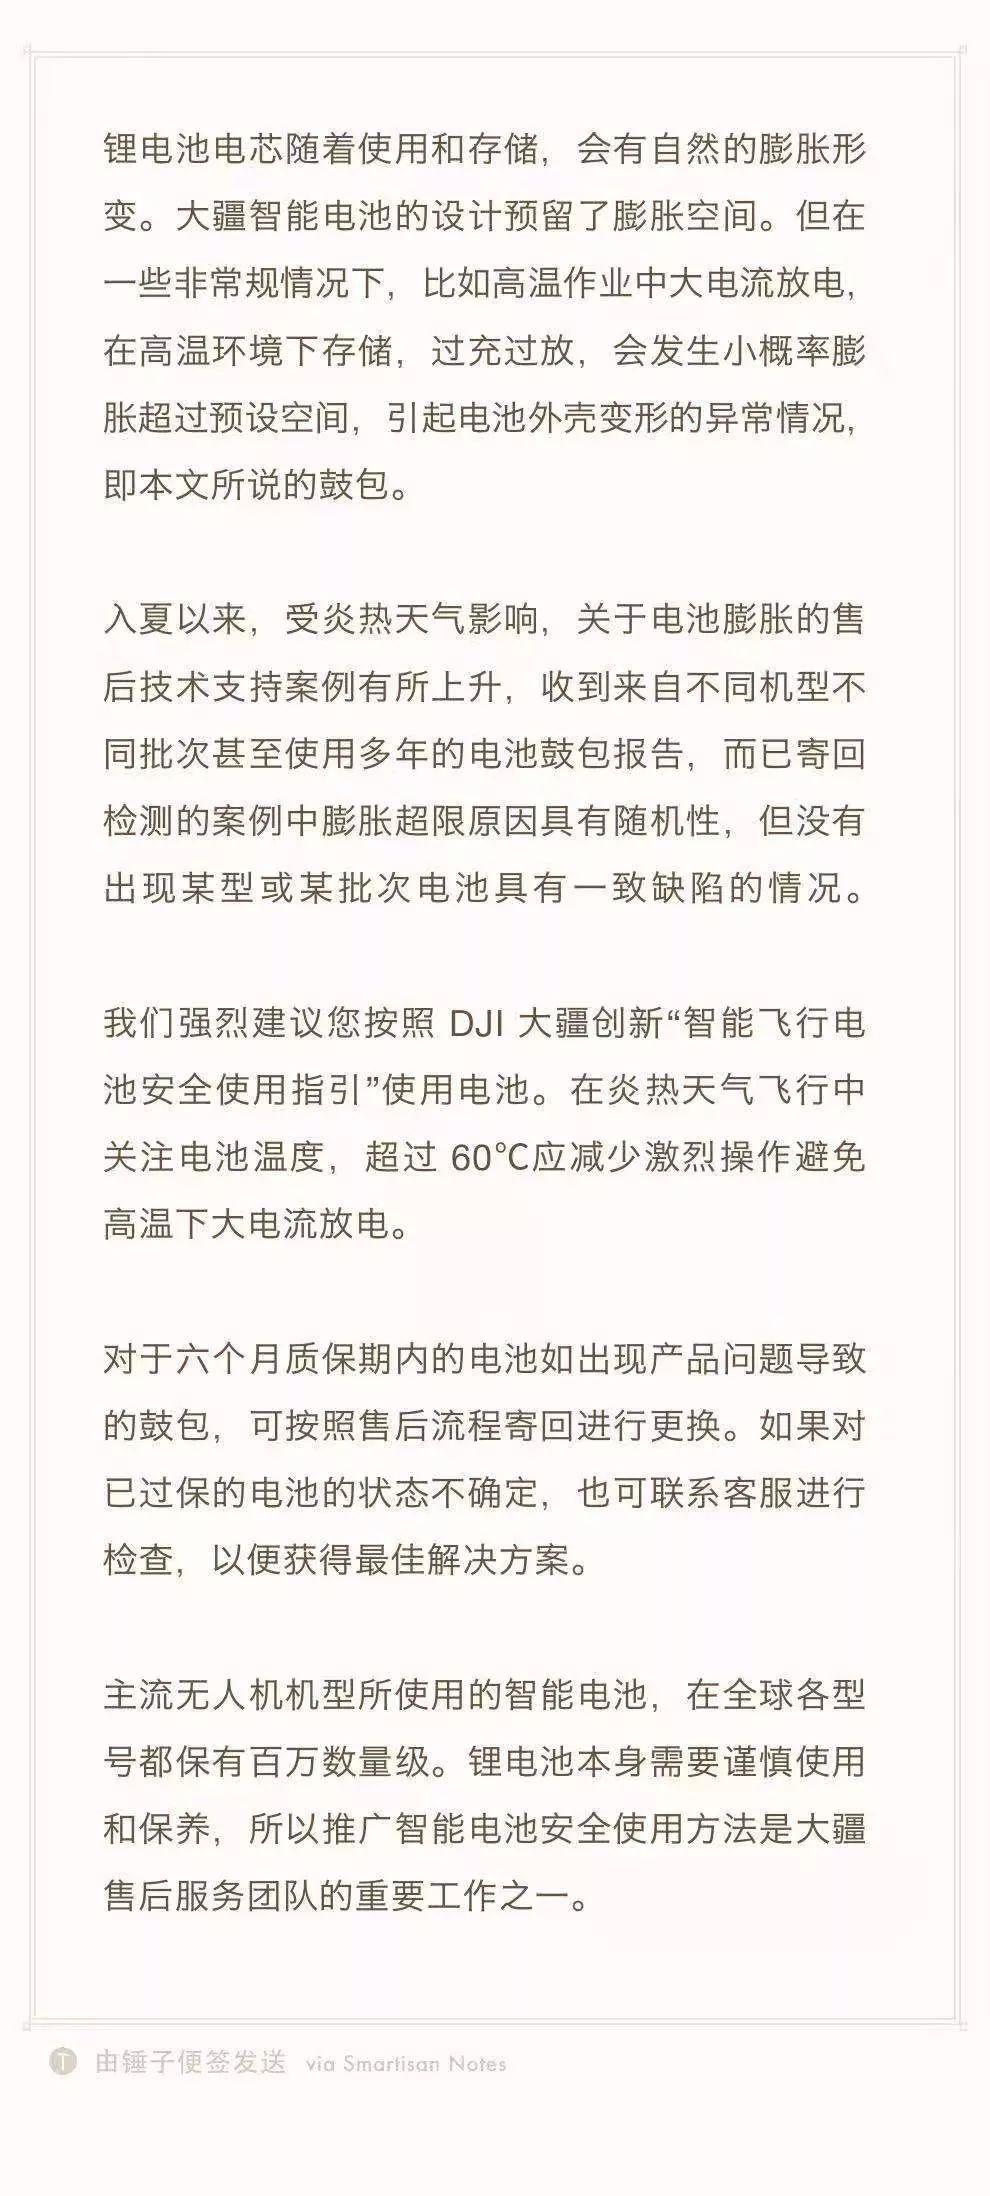 DJI大疆创新官方回应百余用户电池鼓包问题